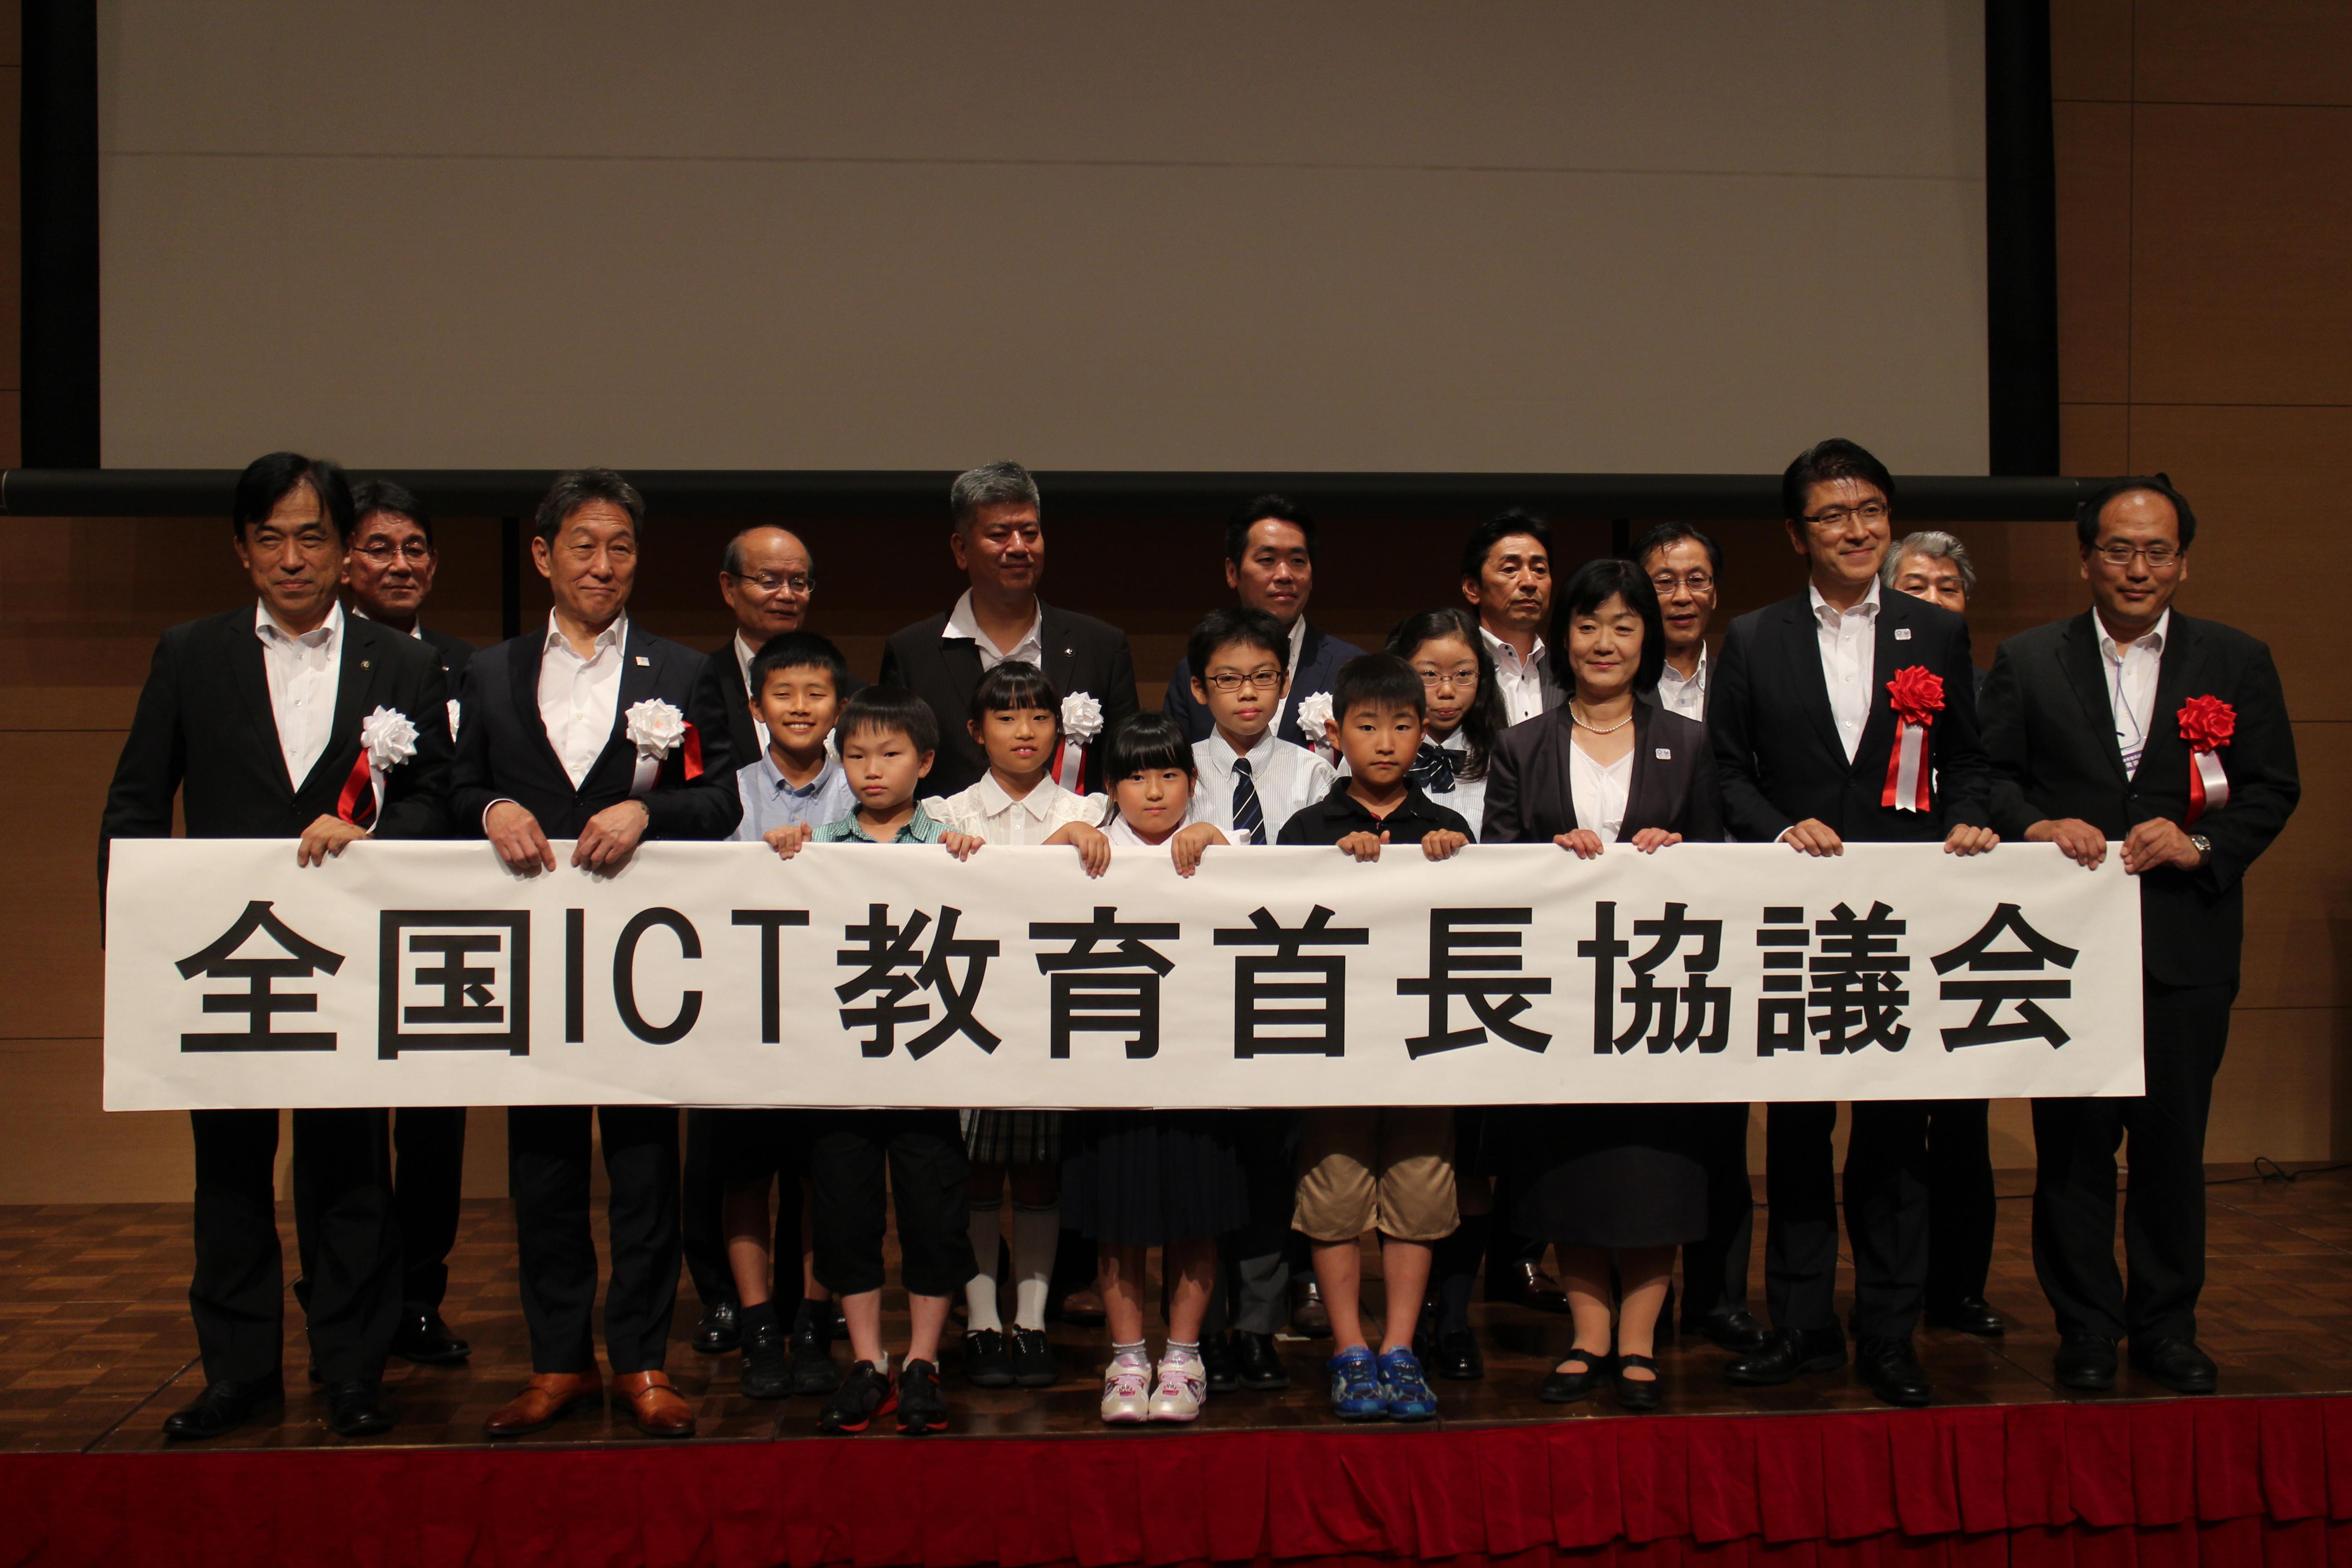 「全国ICT教育首長協議会」設立、ICT教育の普及・充実に向けて